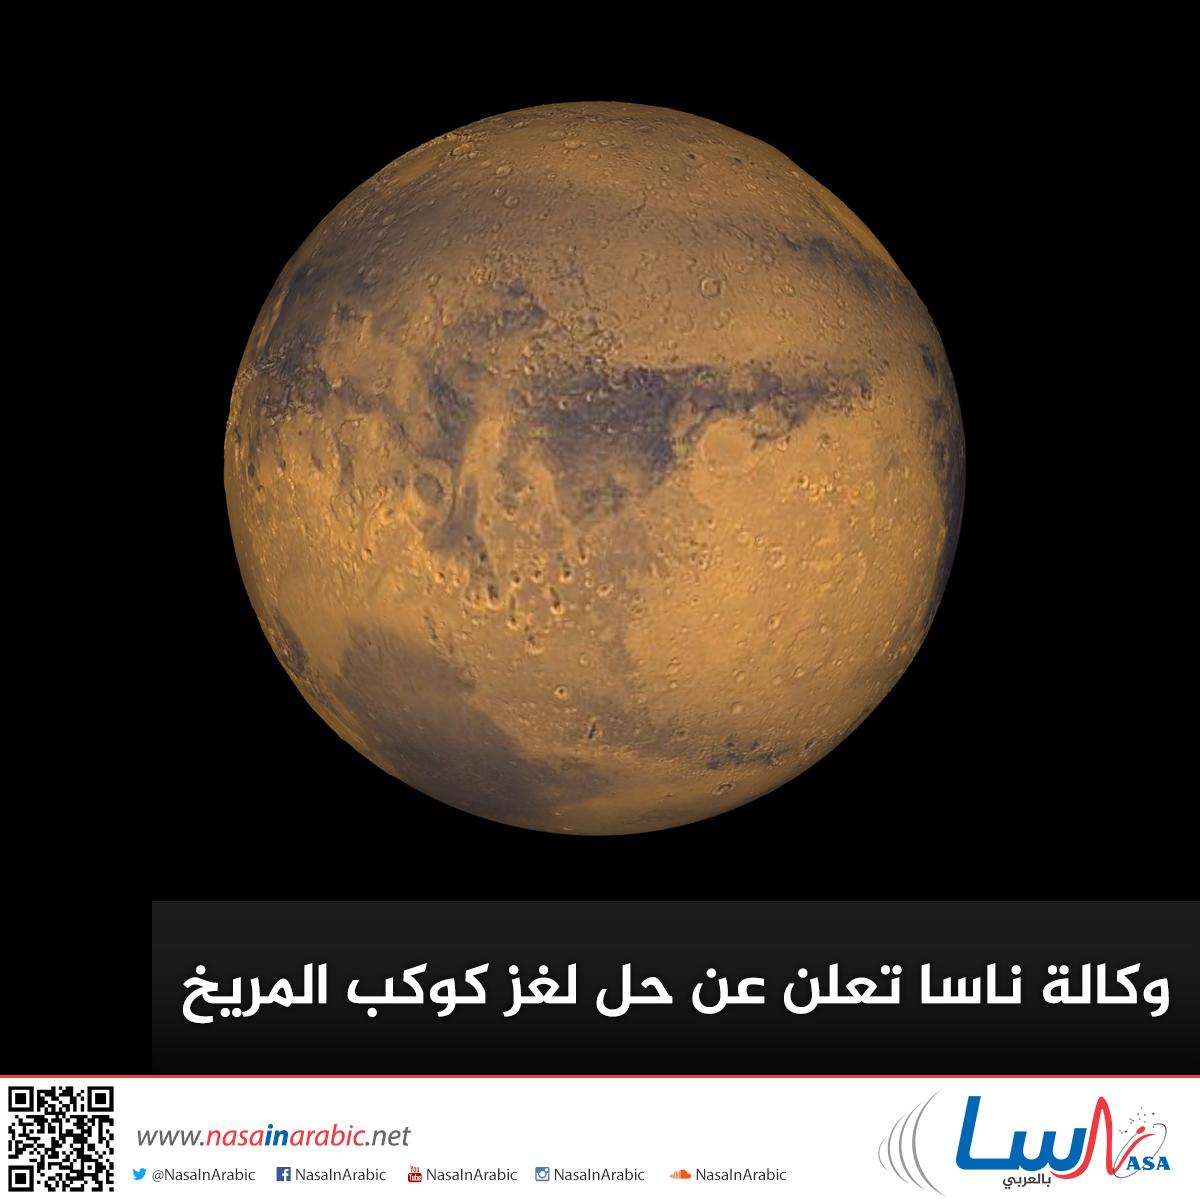 وكالة ناسا تعلن عن حل لغز كوكب المريخ